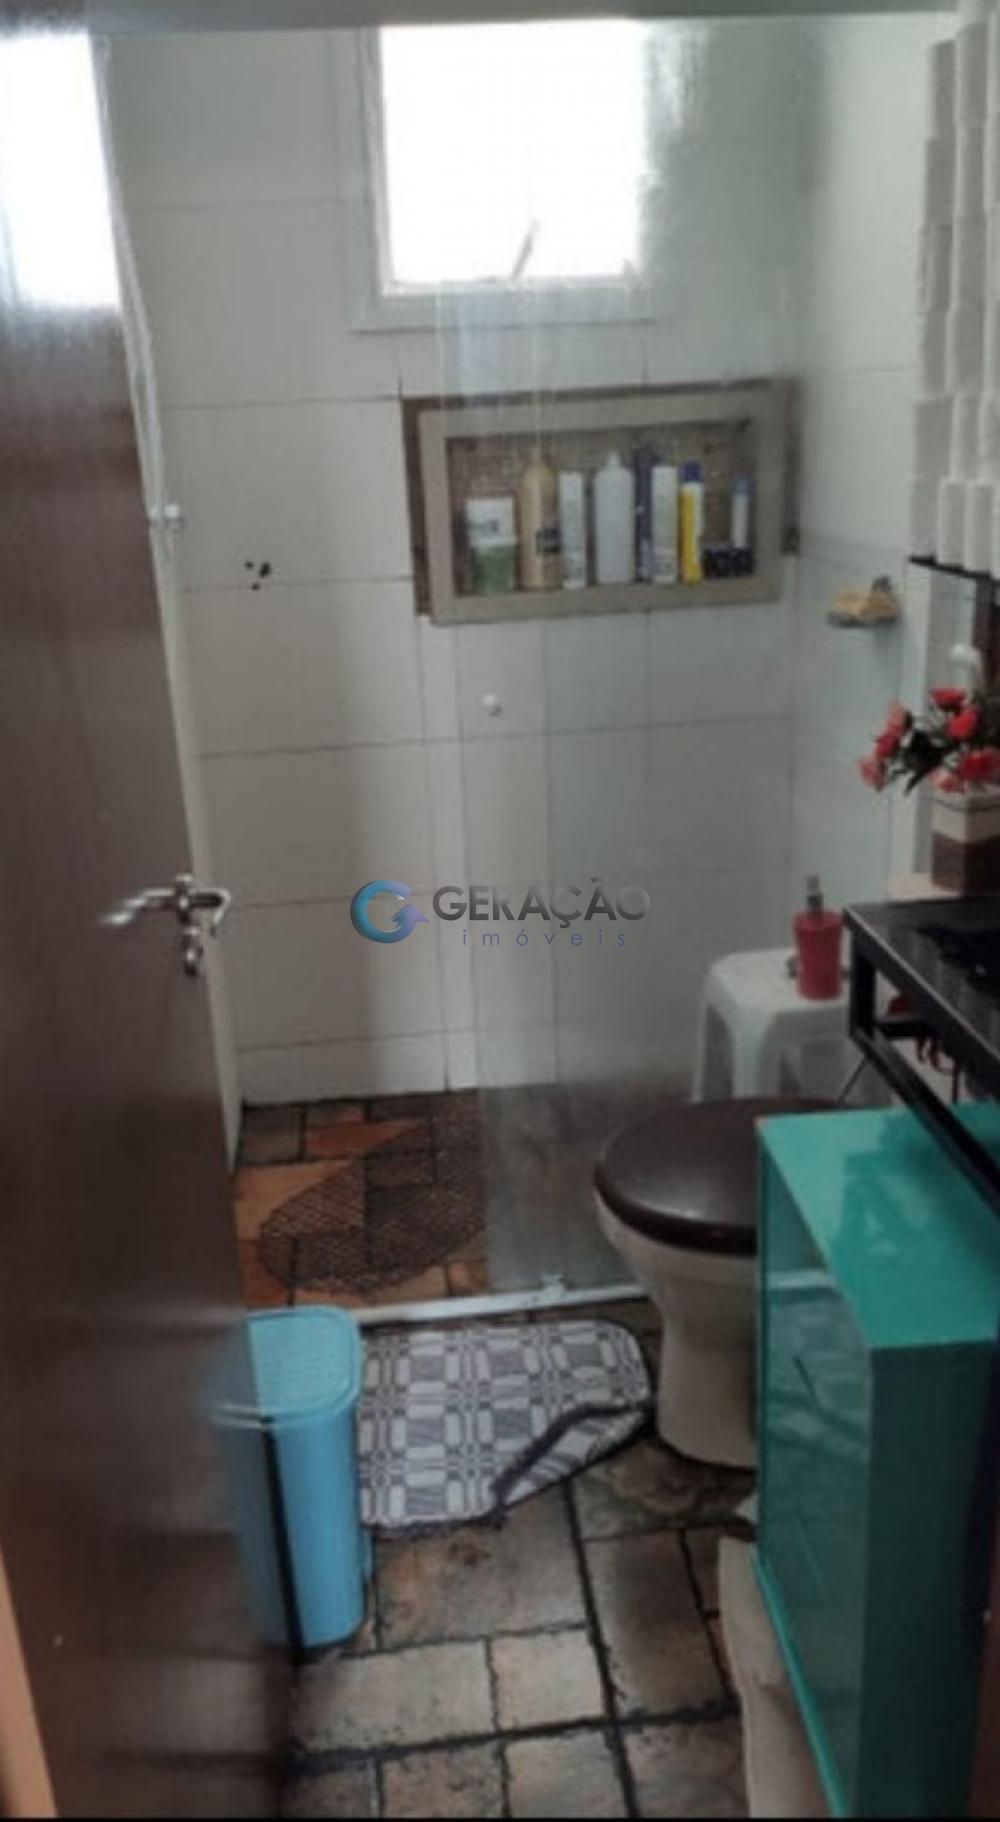 Comprar Apartamento / Padrão em São José dos Campos apenas R$ 320.000,00 - Foto 7